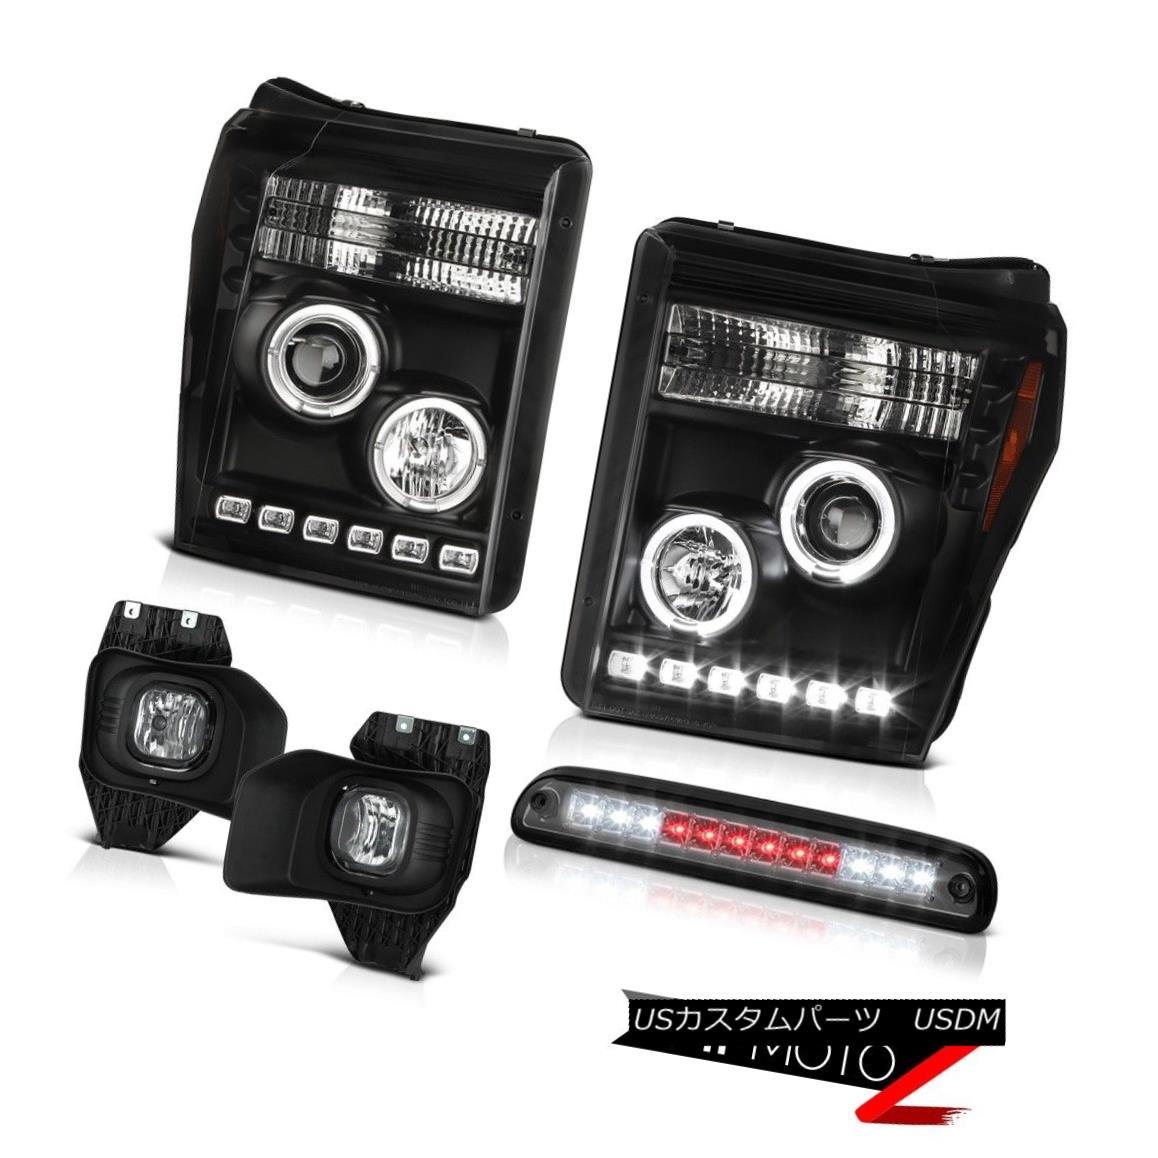 テールライト 11 12 13 14 15 16 F250 Xlt Smoked High Stop Lamp Foglights Matte Black Headlamps 11 12 13 14 15 16 F250 Xltスモークハイストップランプフォグライトマットブラックヘッドランプ